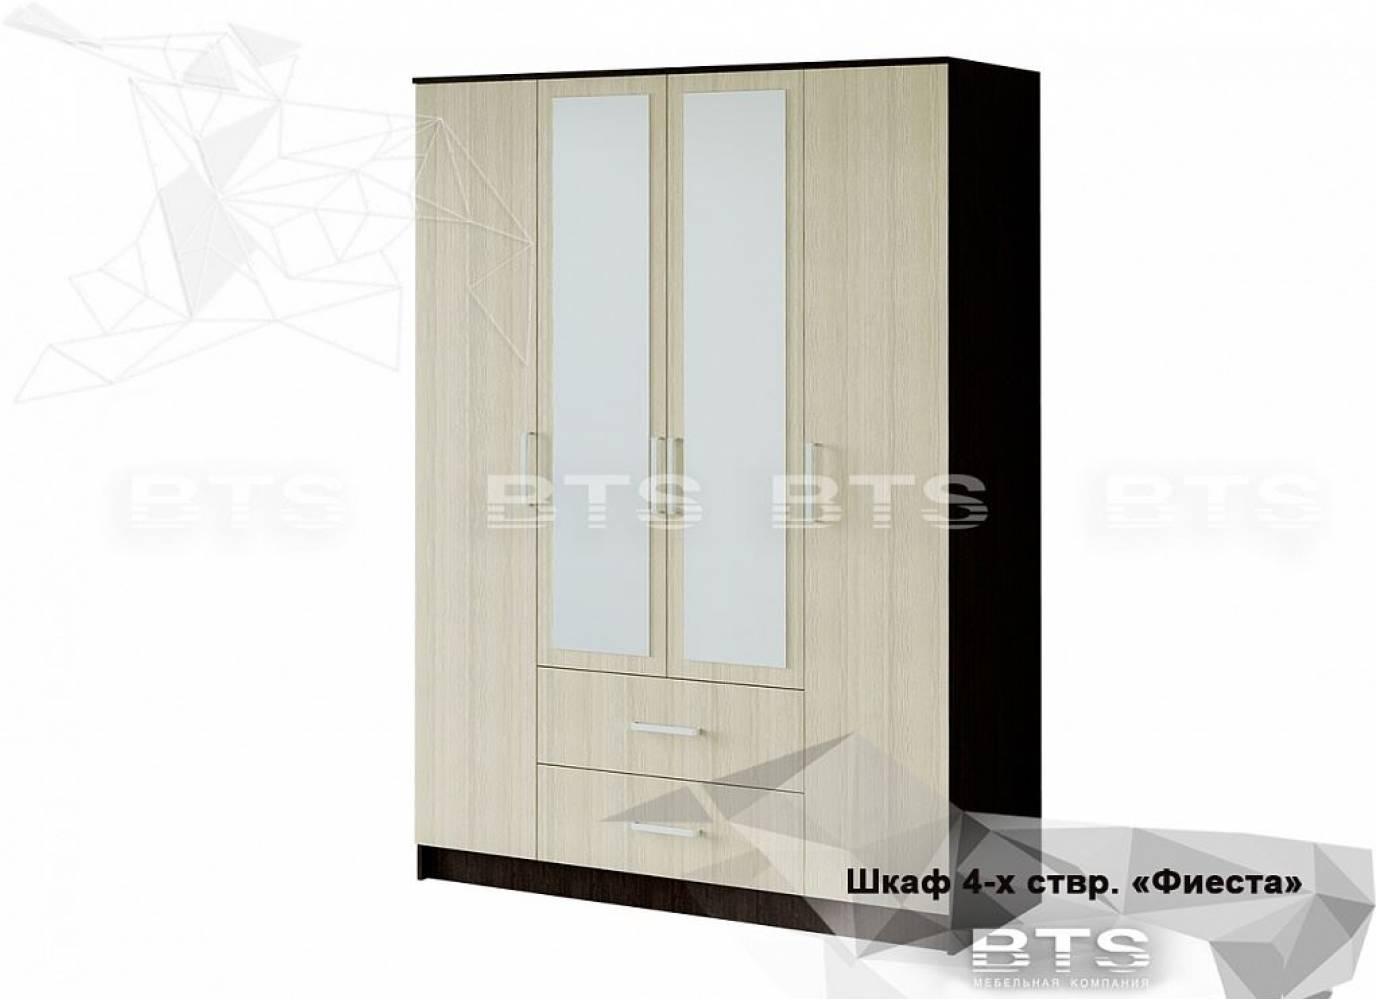 Шкаф 4-х дверный Фиеста, венге